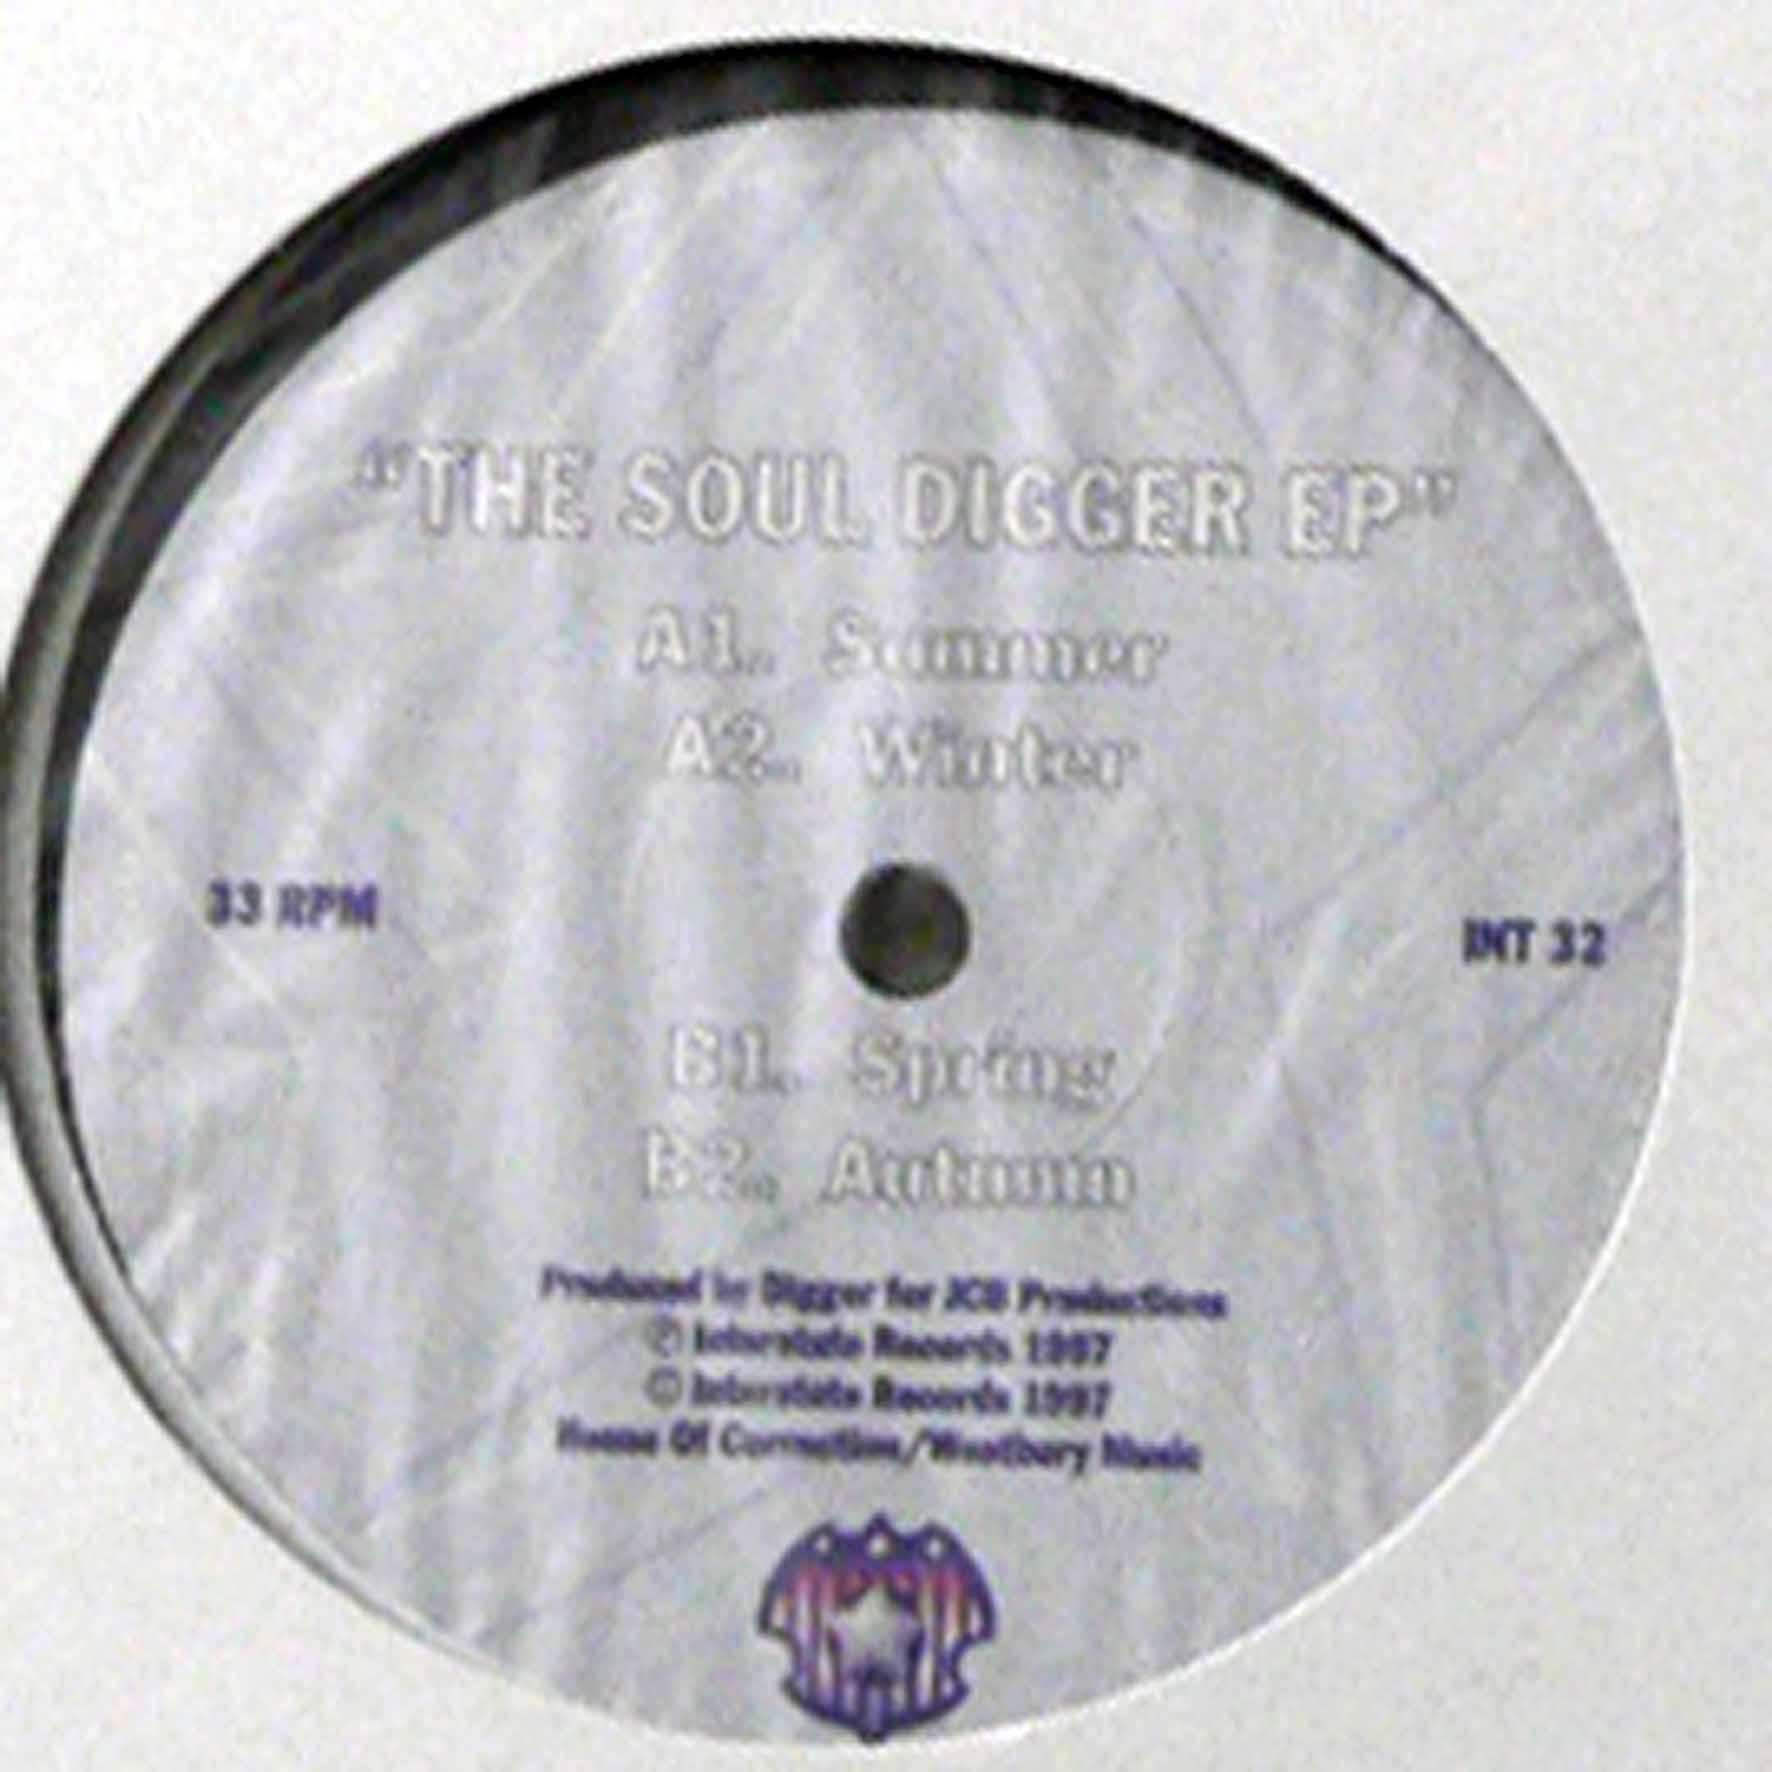 商品詳細 : Digger(12) The Soul Digger EP